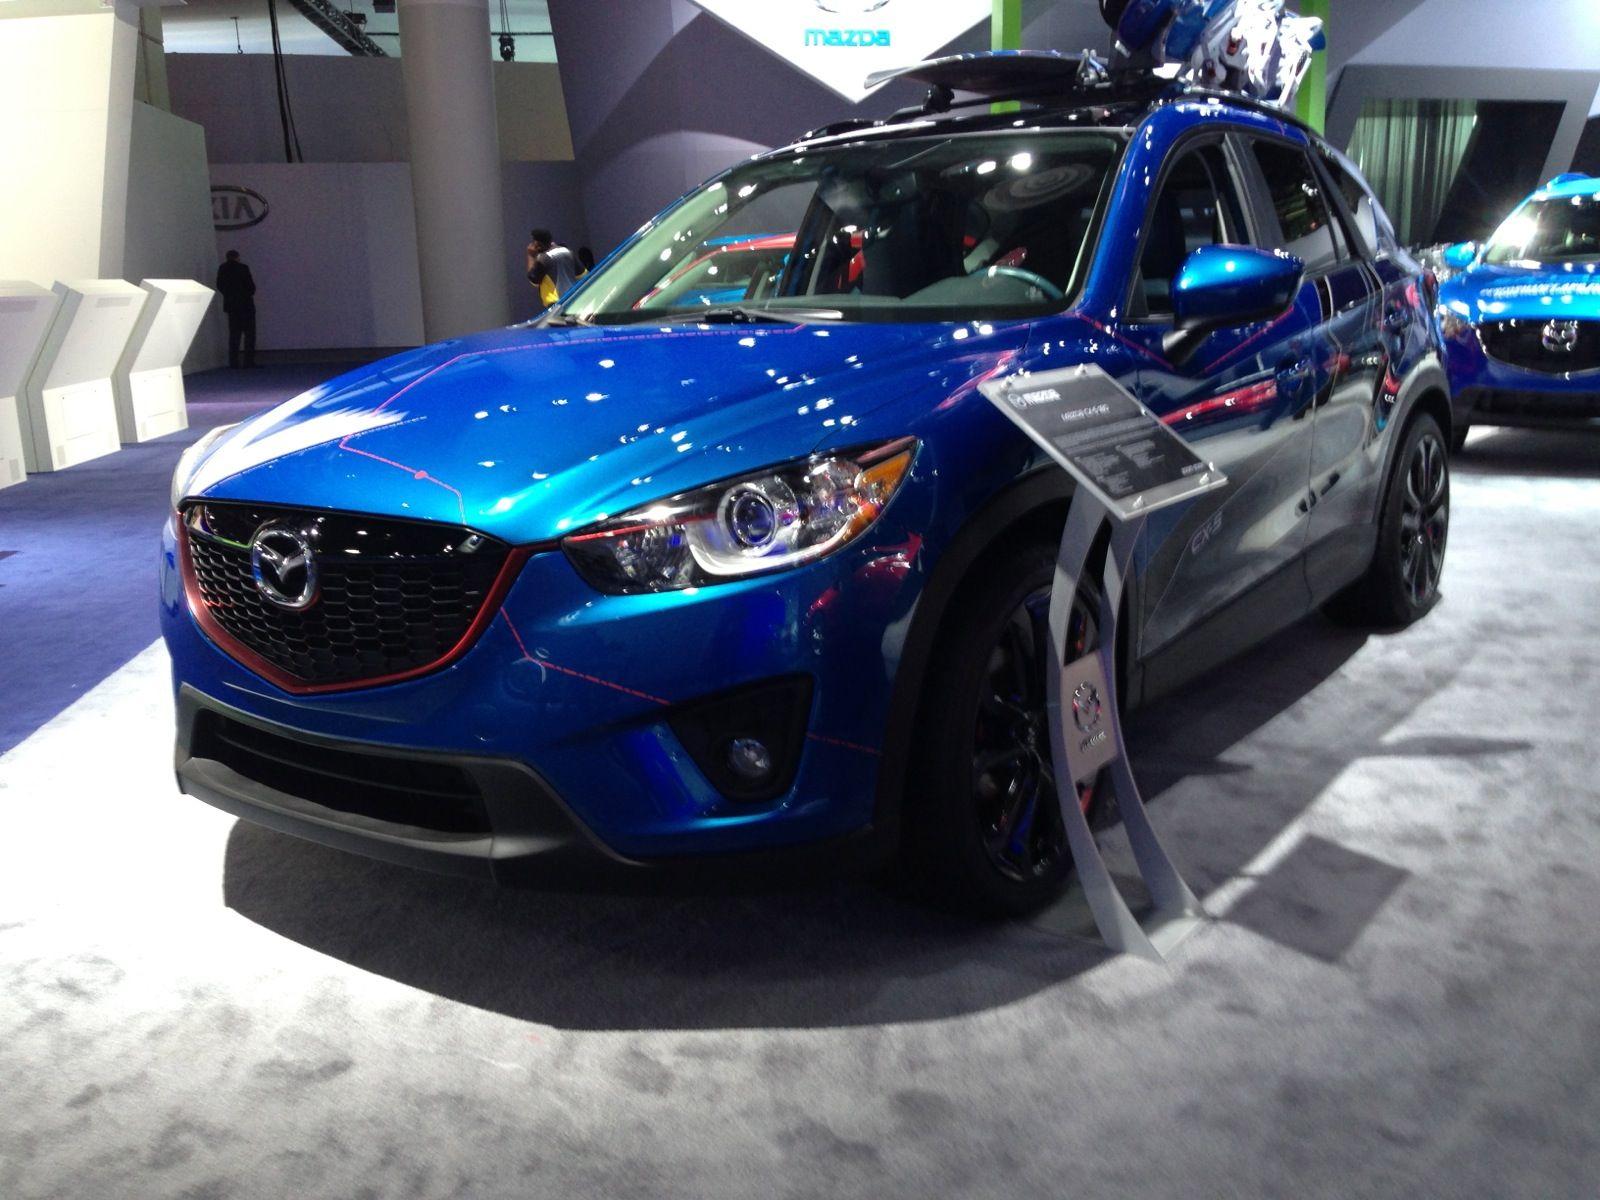 CardinaleWayMazda Httpwwwcardinalewaymazdacom CardinaleWay - Mazda arizona